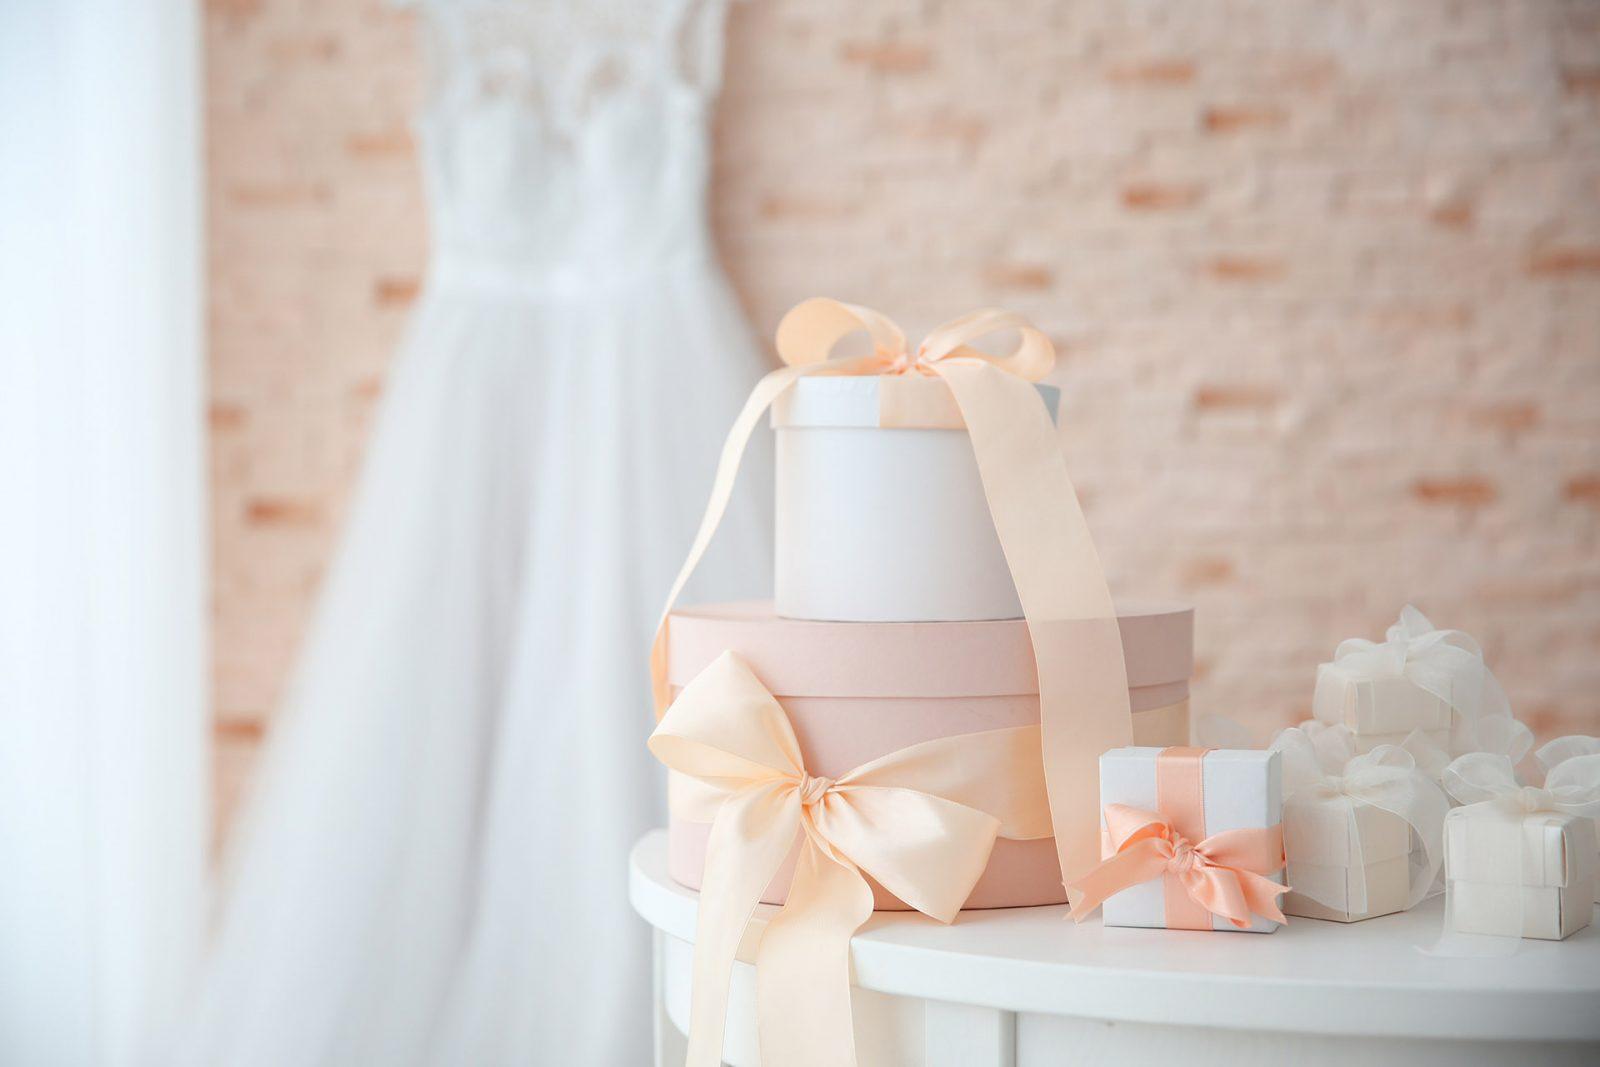 Hochzeitsgeschenke für das Brautpaar. Persönliches Hochzeitsgeschenke für das Brautpaar